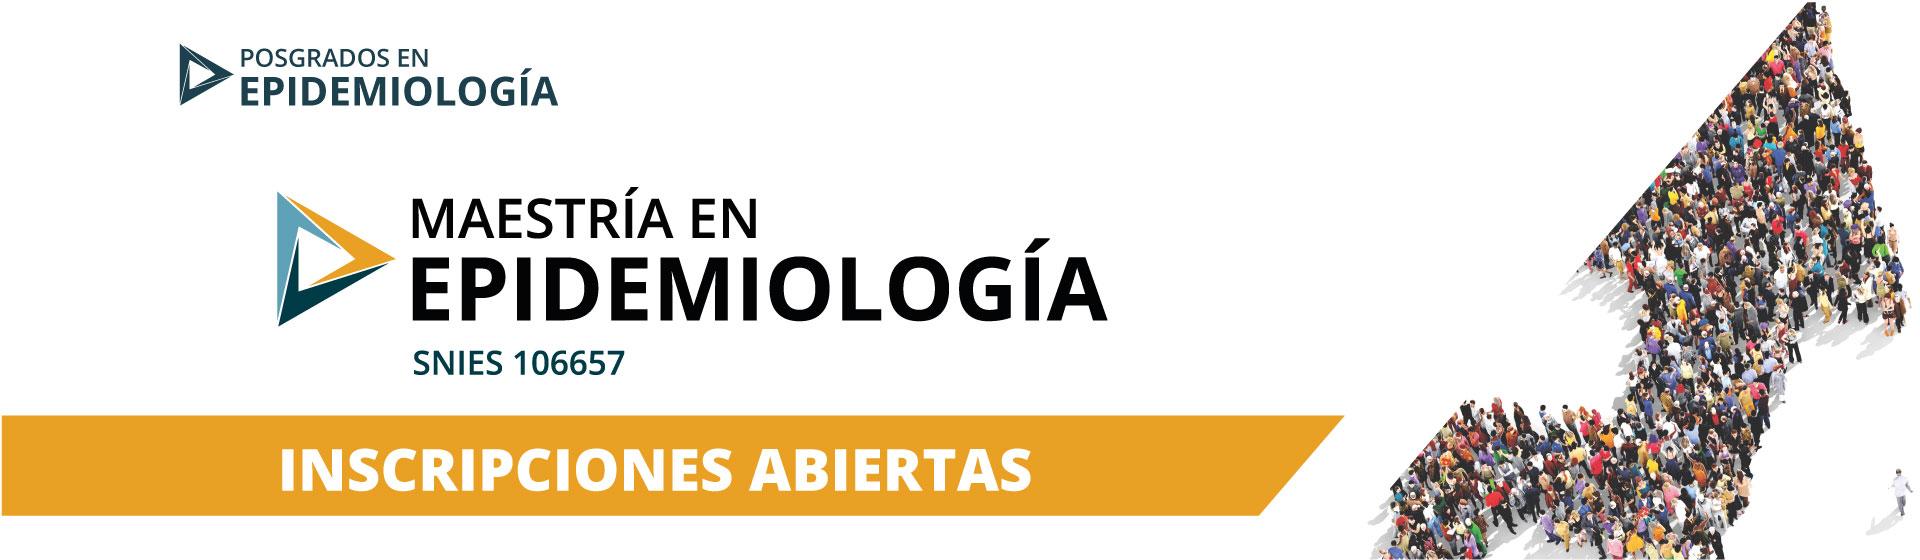 Maestría en Epidemiología - Inscripciones Abiertas